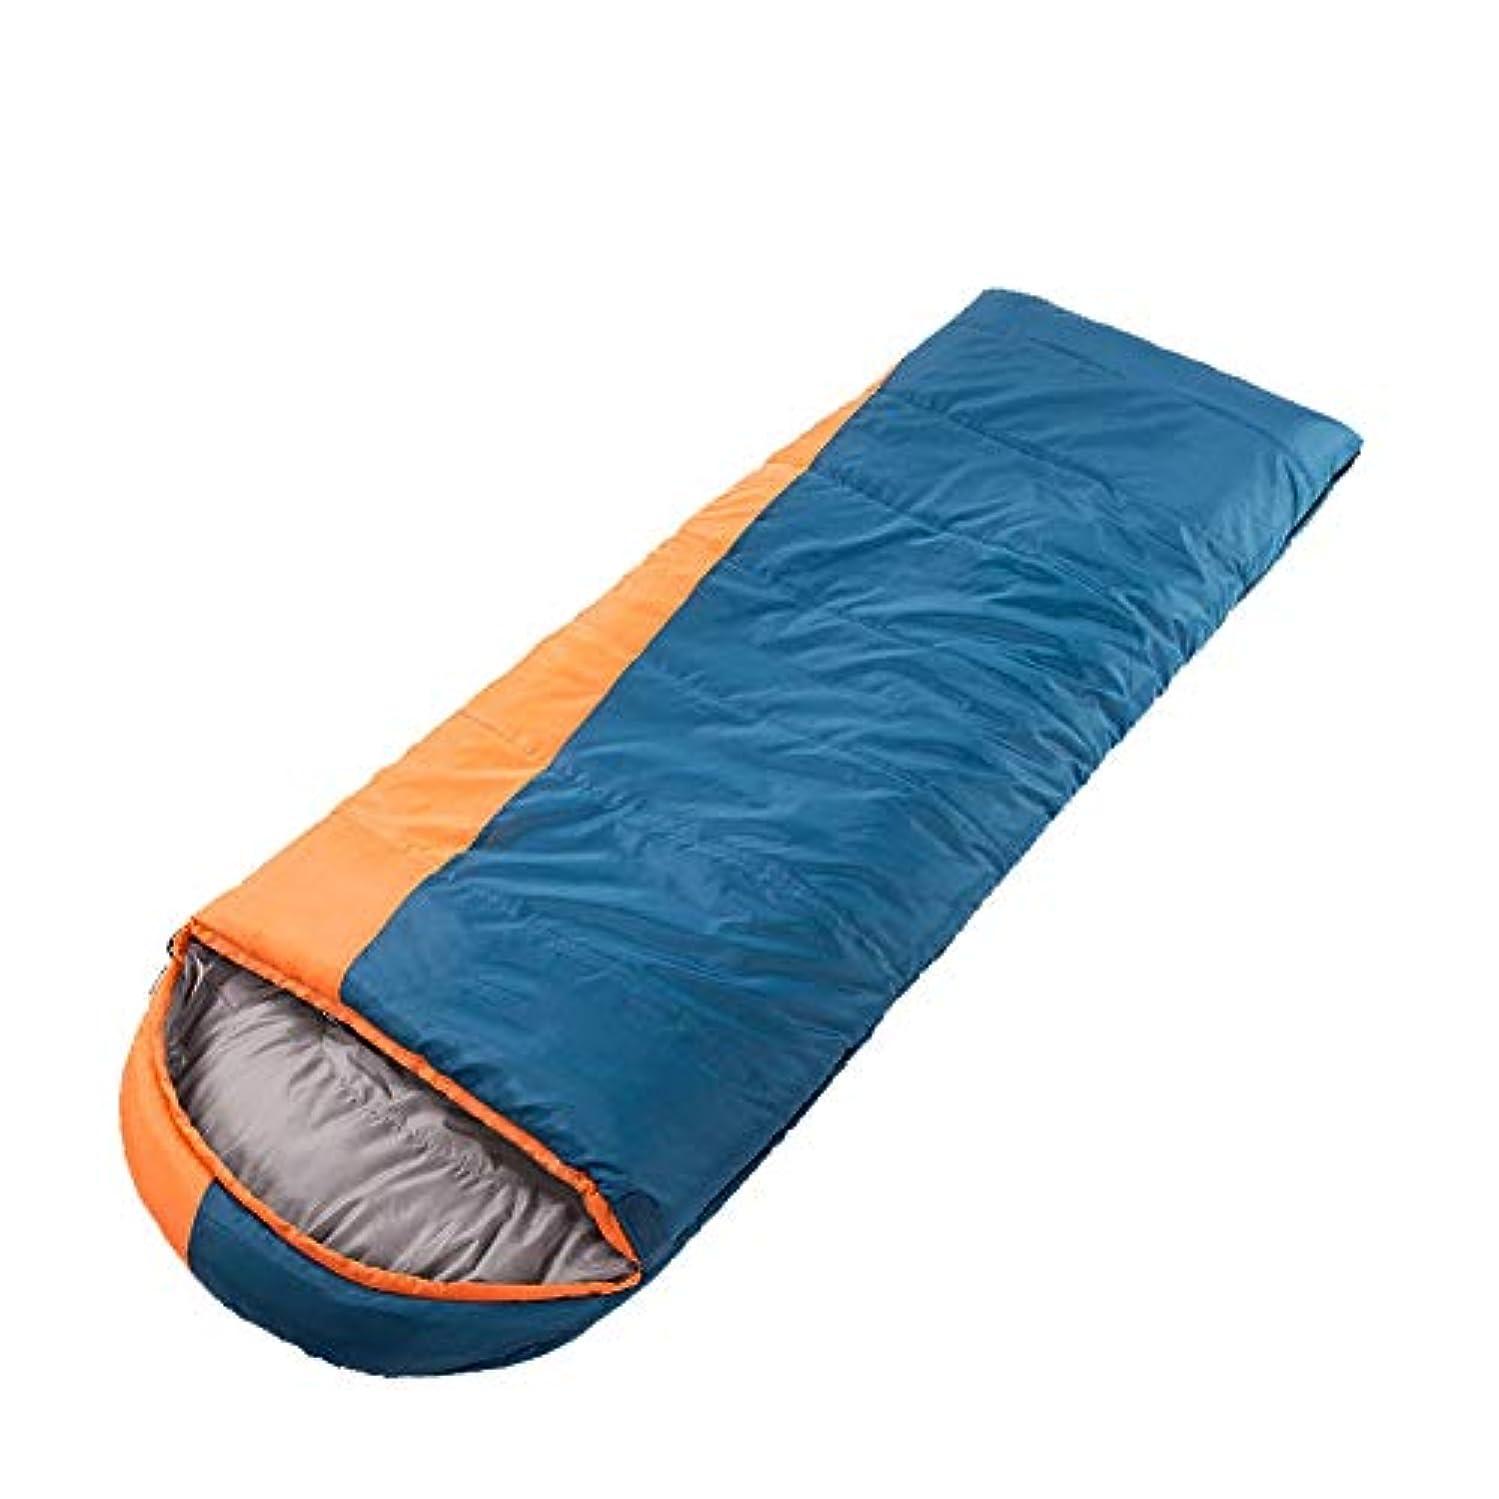 ドック手術胸DaQingYuntur 暖かくて寒い天候のための軽量で防水性の圧縮袋、4シーズンのキャンプ/ハイキングのための快適さを備えた封筒軽量寝袋